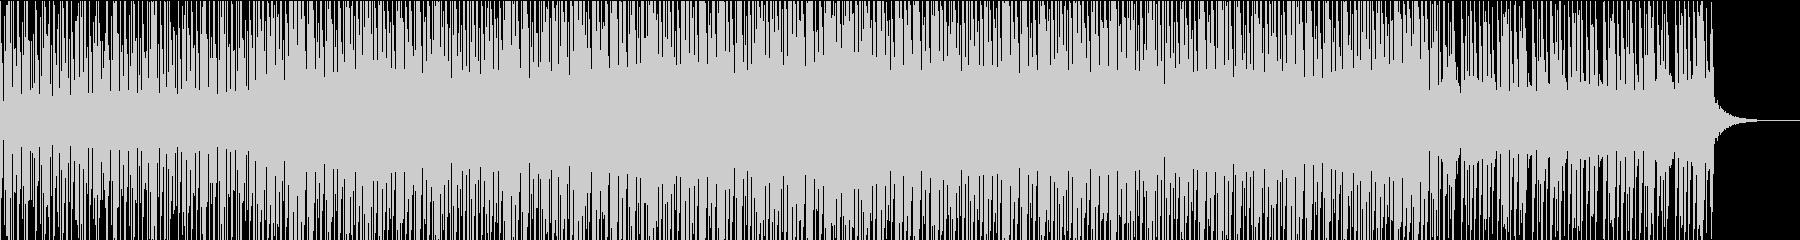 キラキラしたトロピカルハウスの未再生の波形